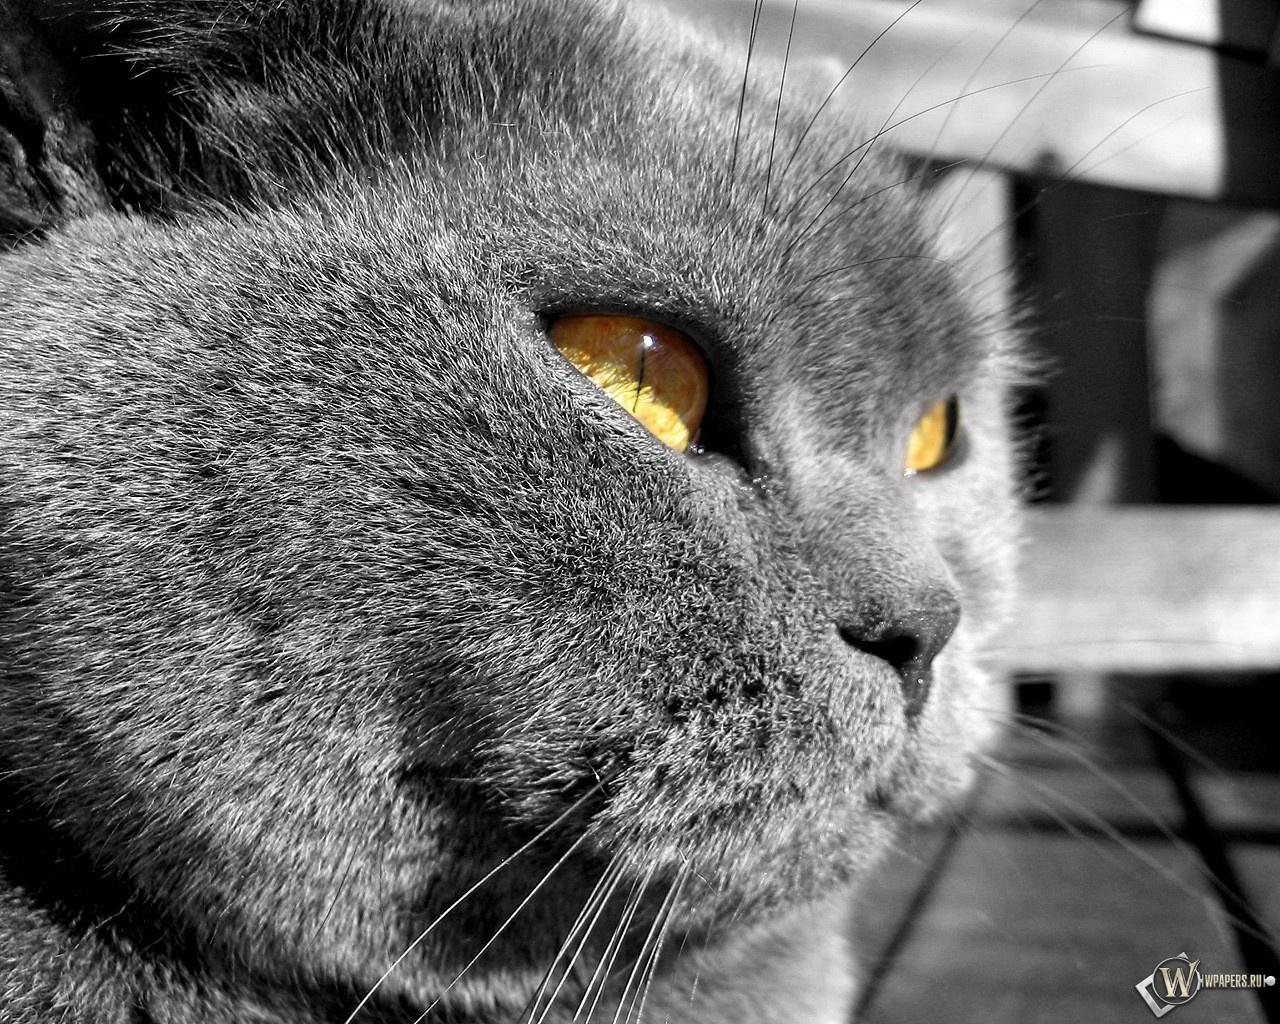 Суровый британский кот 1280x1024